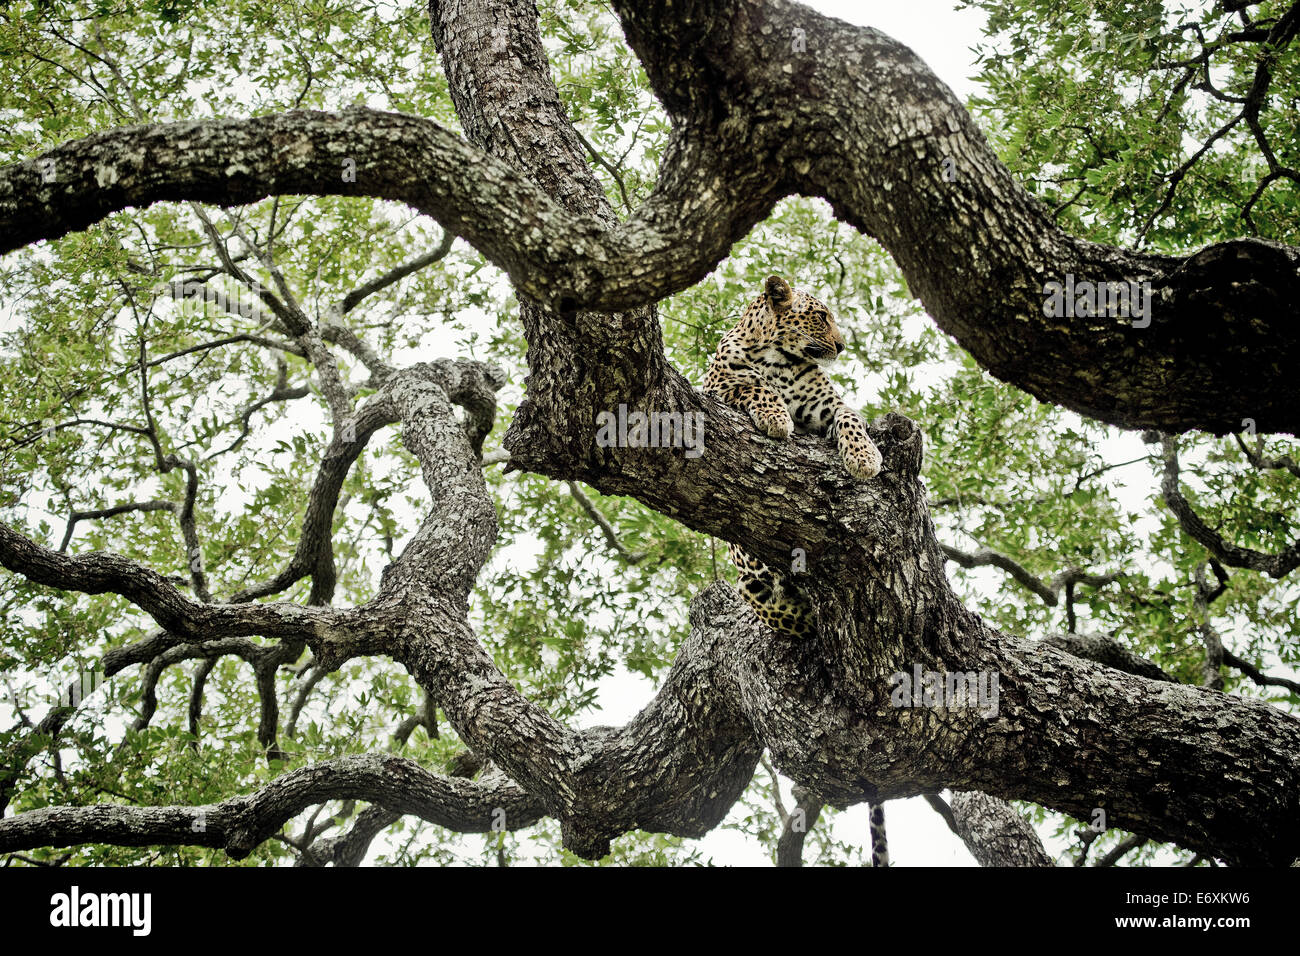 Leopard dans un arbre d'ébène, Sabi Sands Game Reserve, Afrique du Sud, l'Afrique Photo Stock